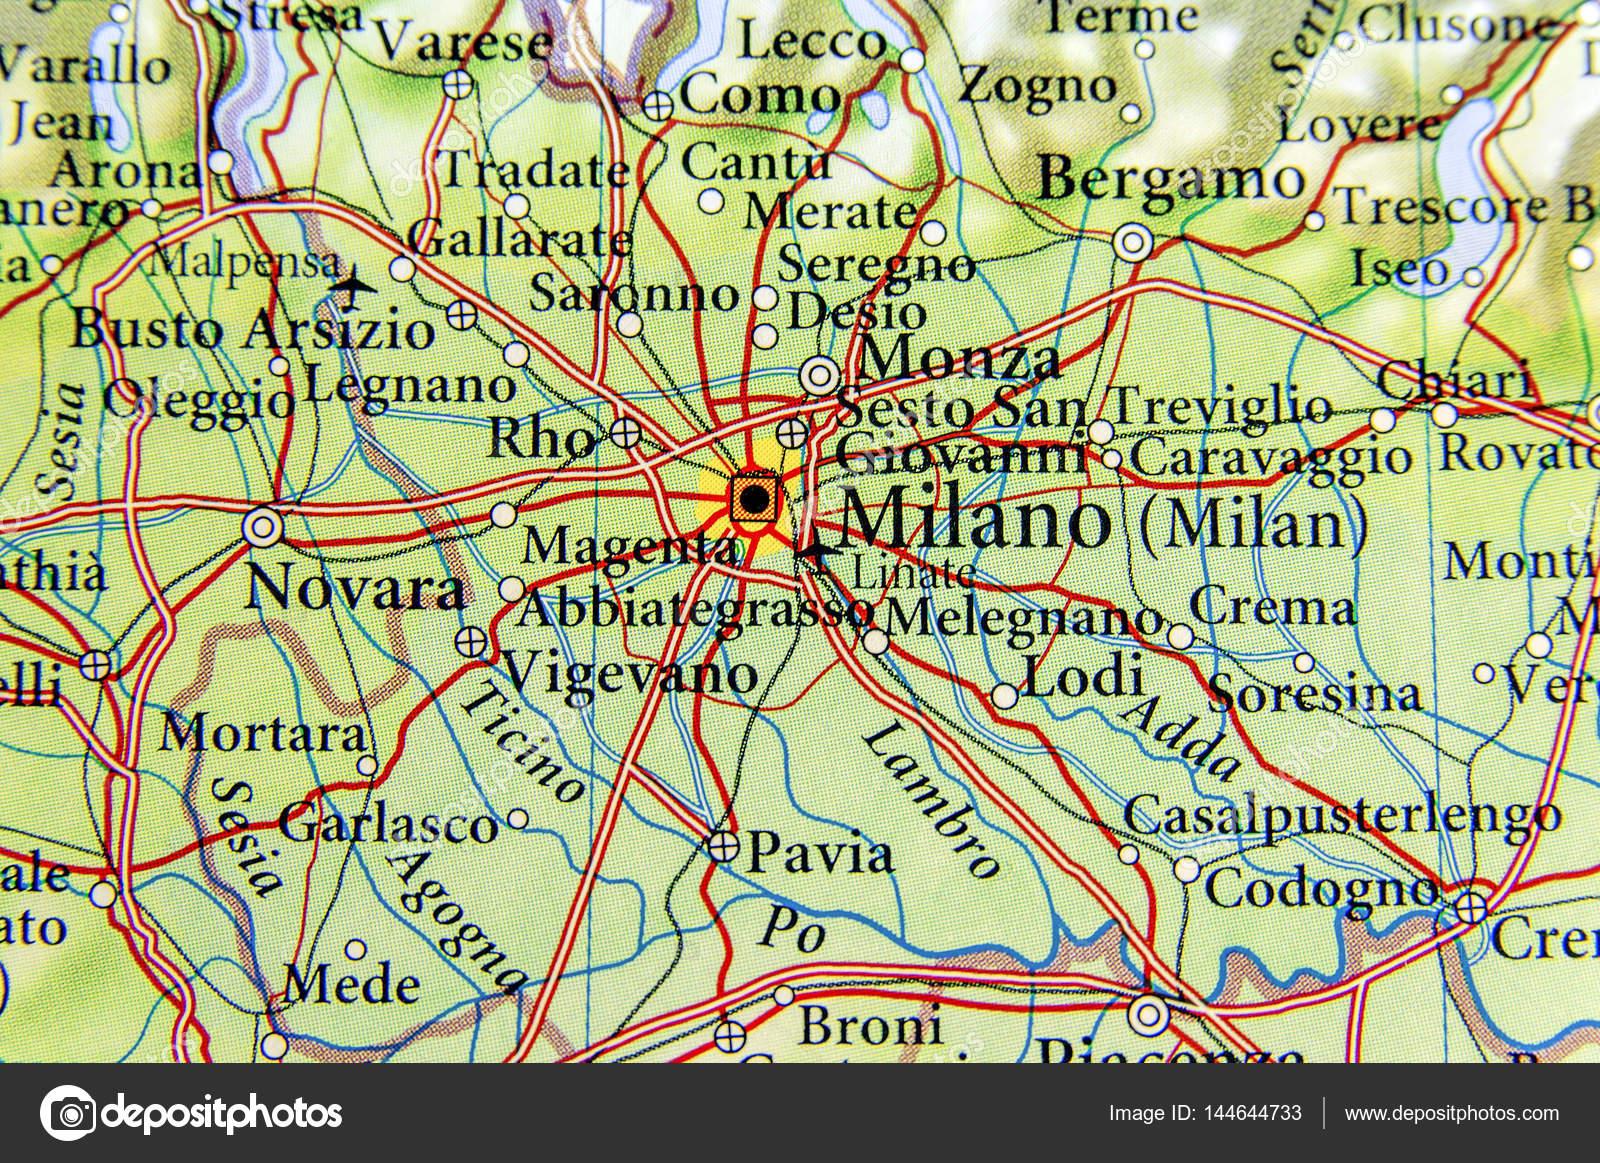 Geografiska Karta Over Europeiska Land Italien Med Milano